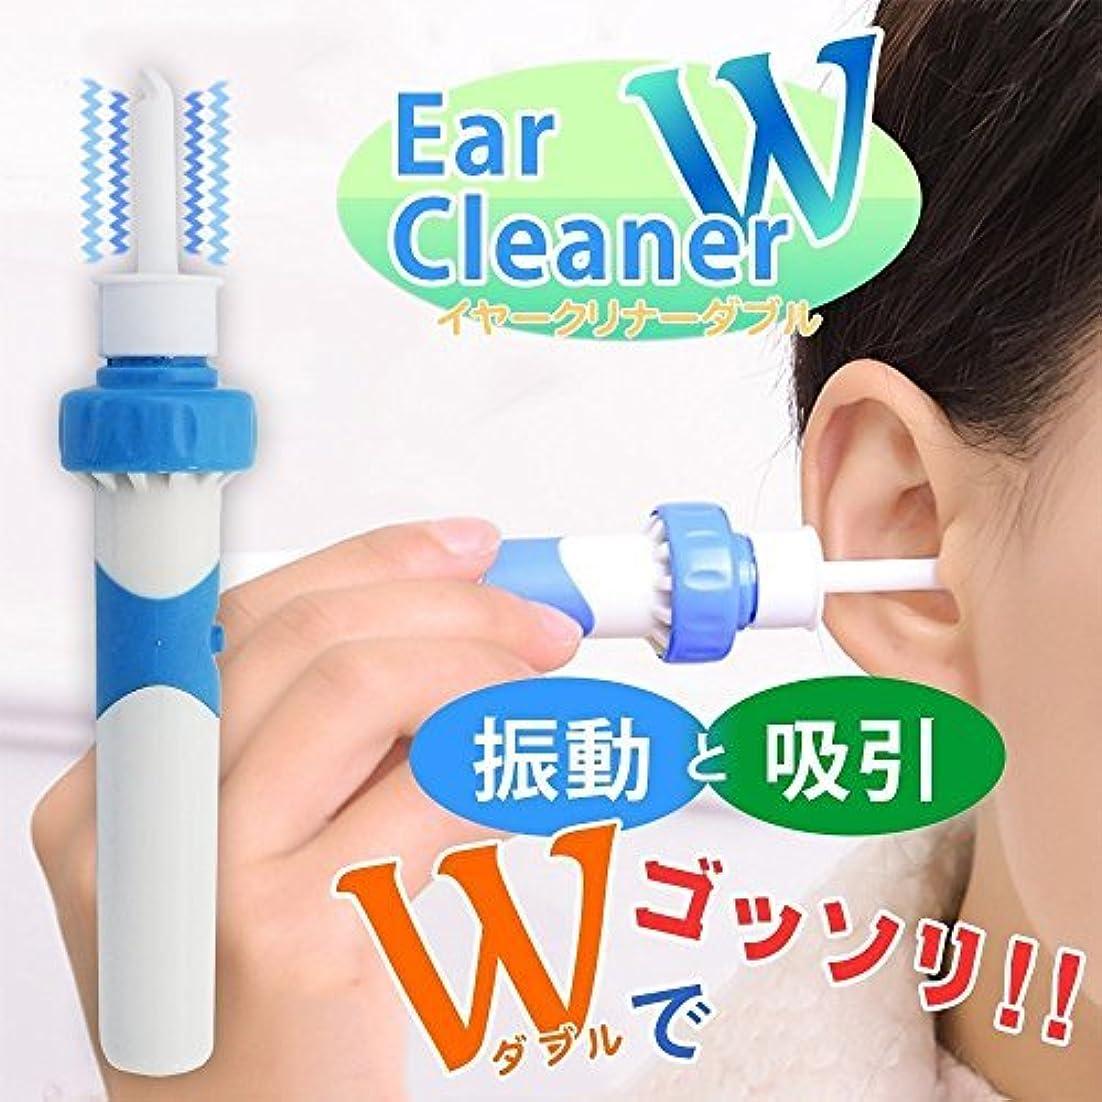 山岳回想血CHUI FEN 耳掃除機 電動耳掃除 耳クリーナー 耳掃除 みみそうじ 耳垢 吸引 耳あか吸引